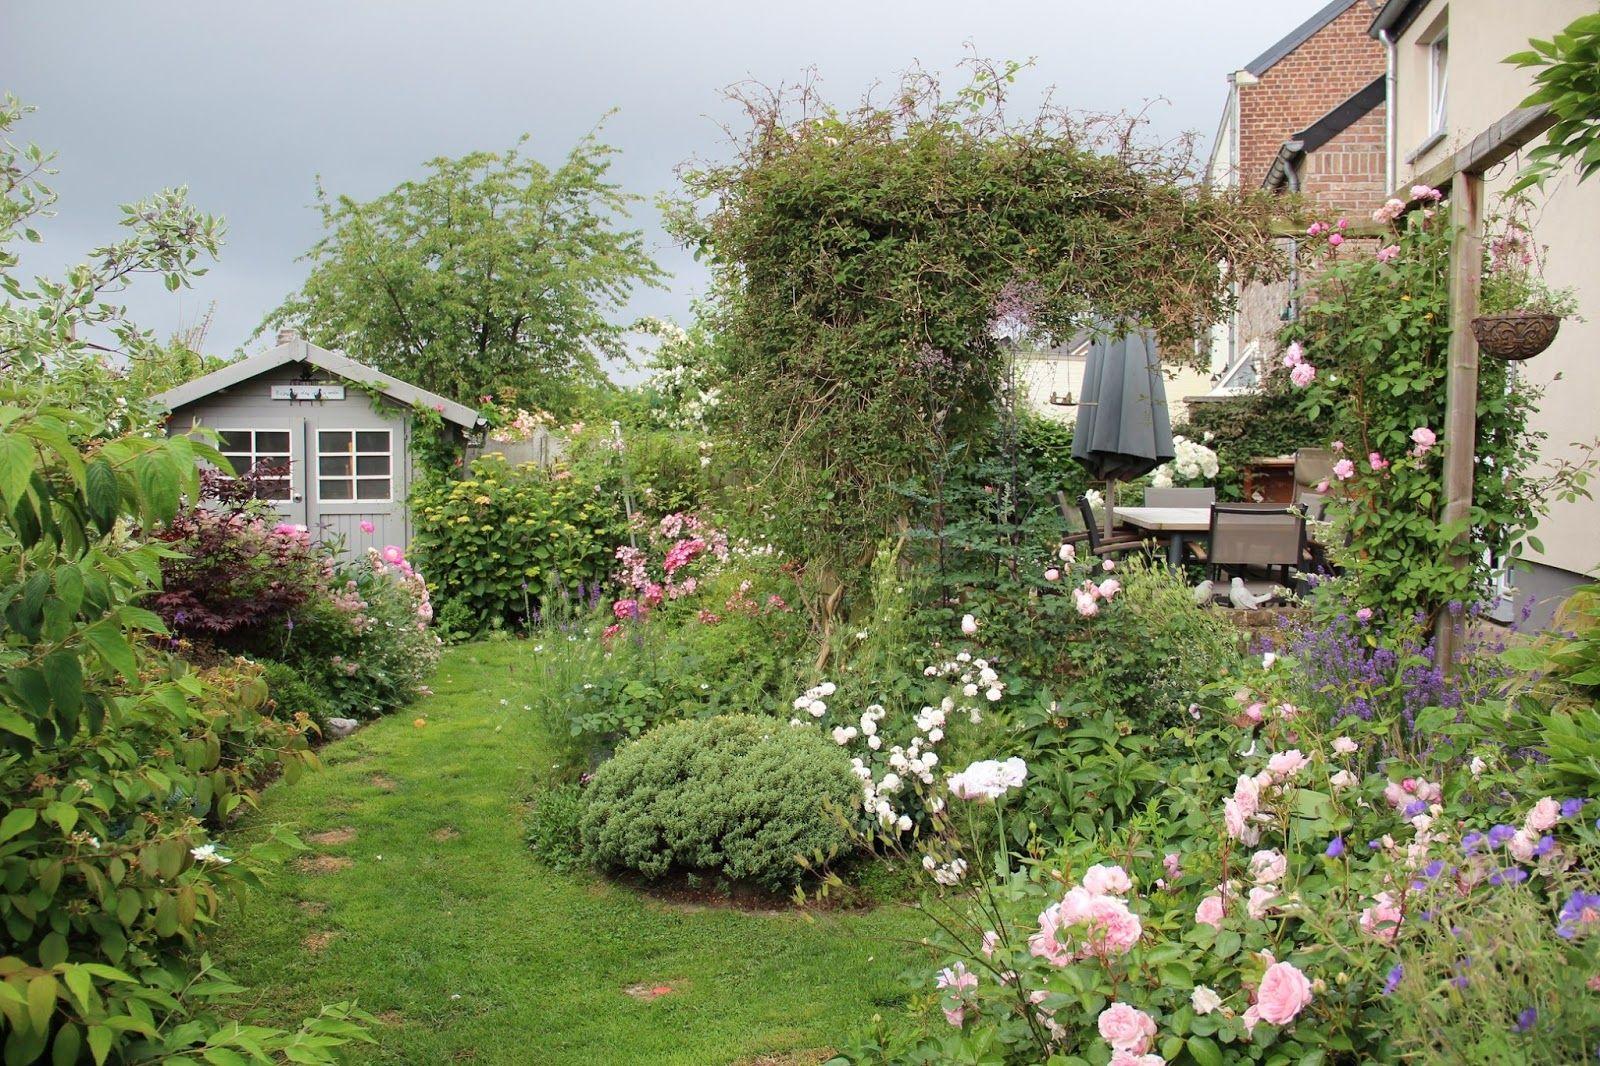 Derri re les murs de mon jardin p riple en belgique jour 2 un petit tour chez malo g a r d - Derriere les murs de mon jardin ...